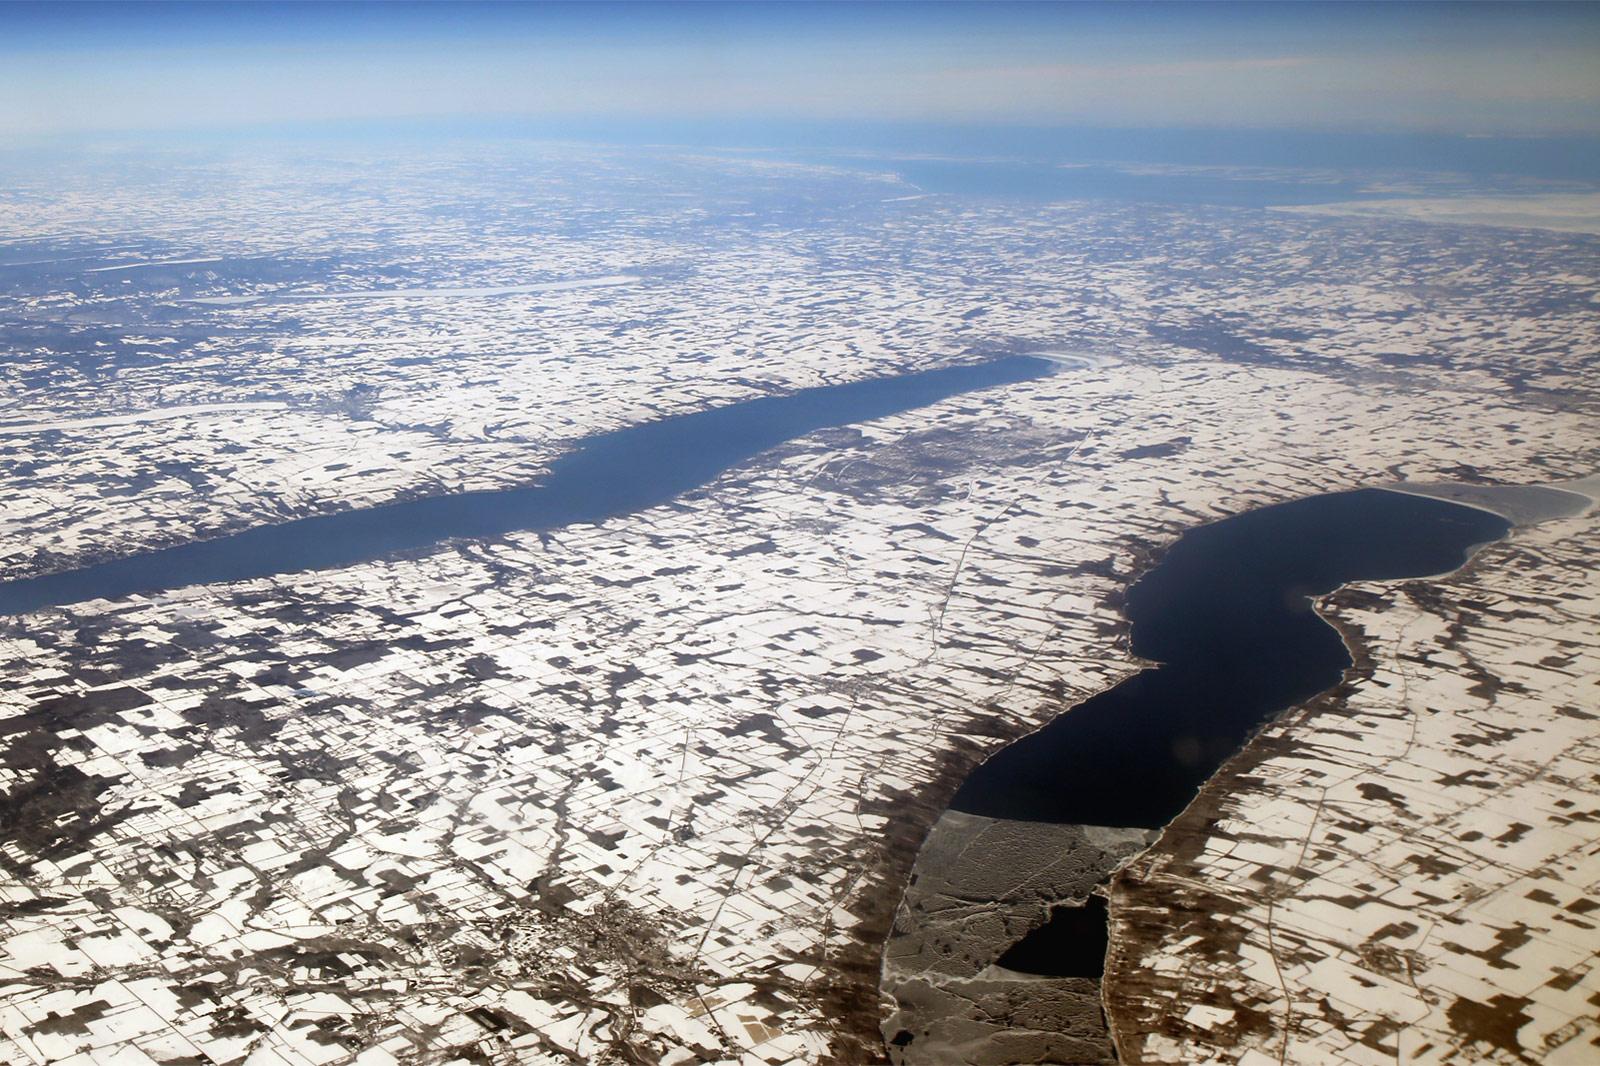 Озера возле города Итака (Ithaca), штат Нью-Йорк